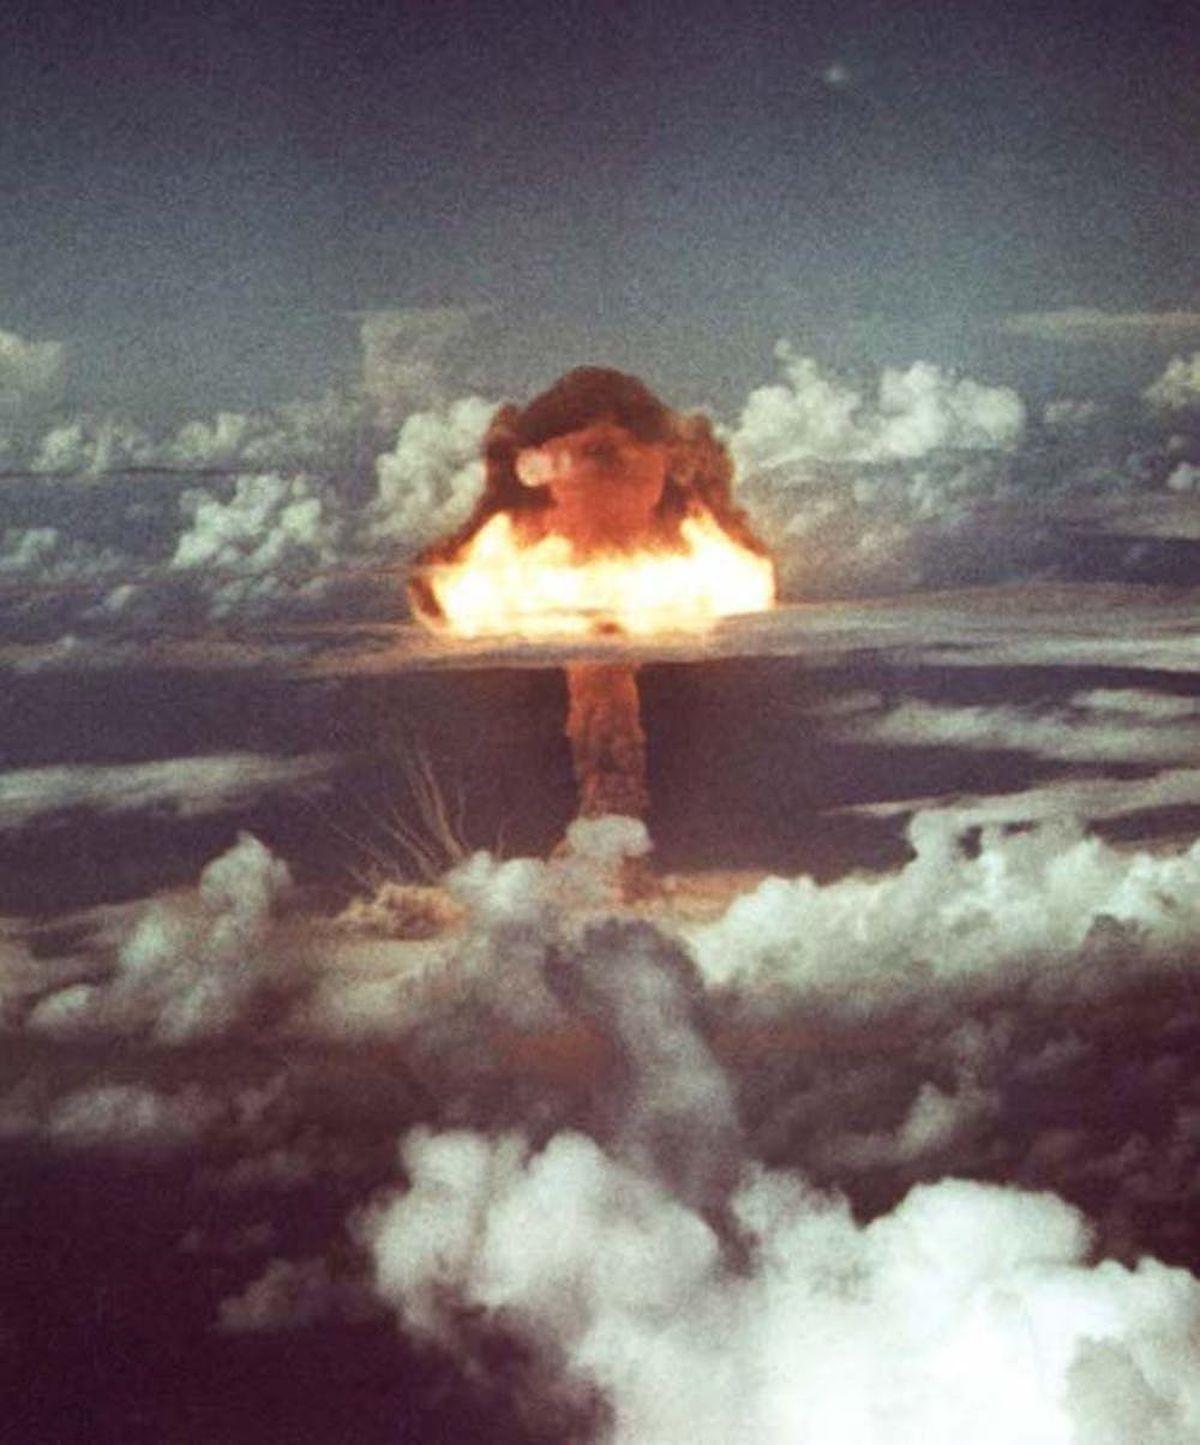 Les essais de bombes nucléaires ont laissé leur marque dans les archives géologiques - Crédit : Administration nationale de la sécurité nucléaire / Wikimedia Commons, CC BY